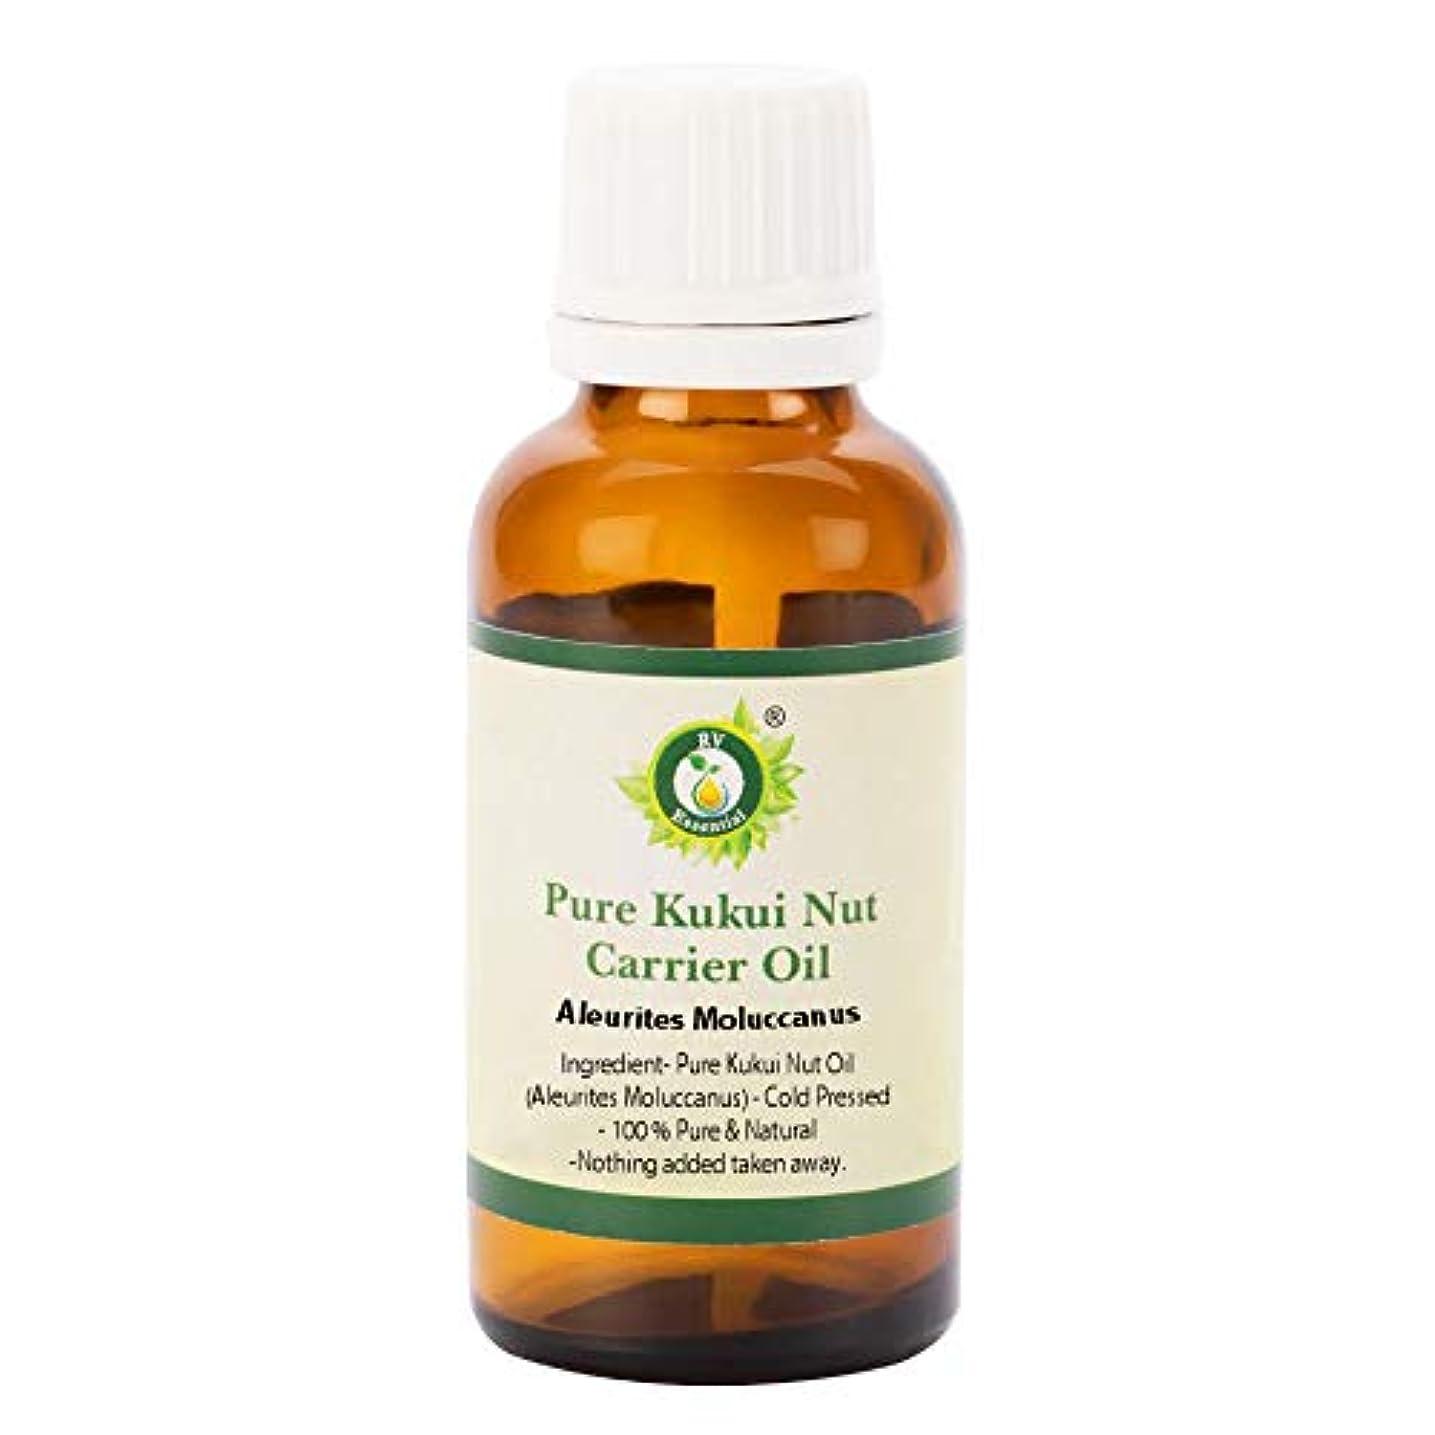 妥協ペフ血まみれピュアククイナッツオイルキャリア5ml (0.169oz)- Aleurites Moluccanus (100%ピュア&ナチュラルコールドPressed) Pure Kukui Nut Carrier Oil